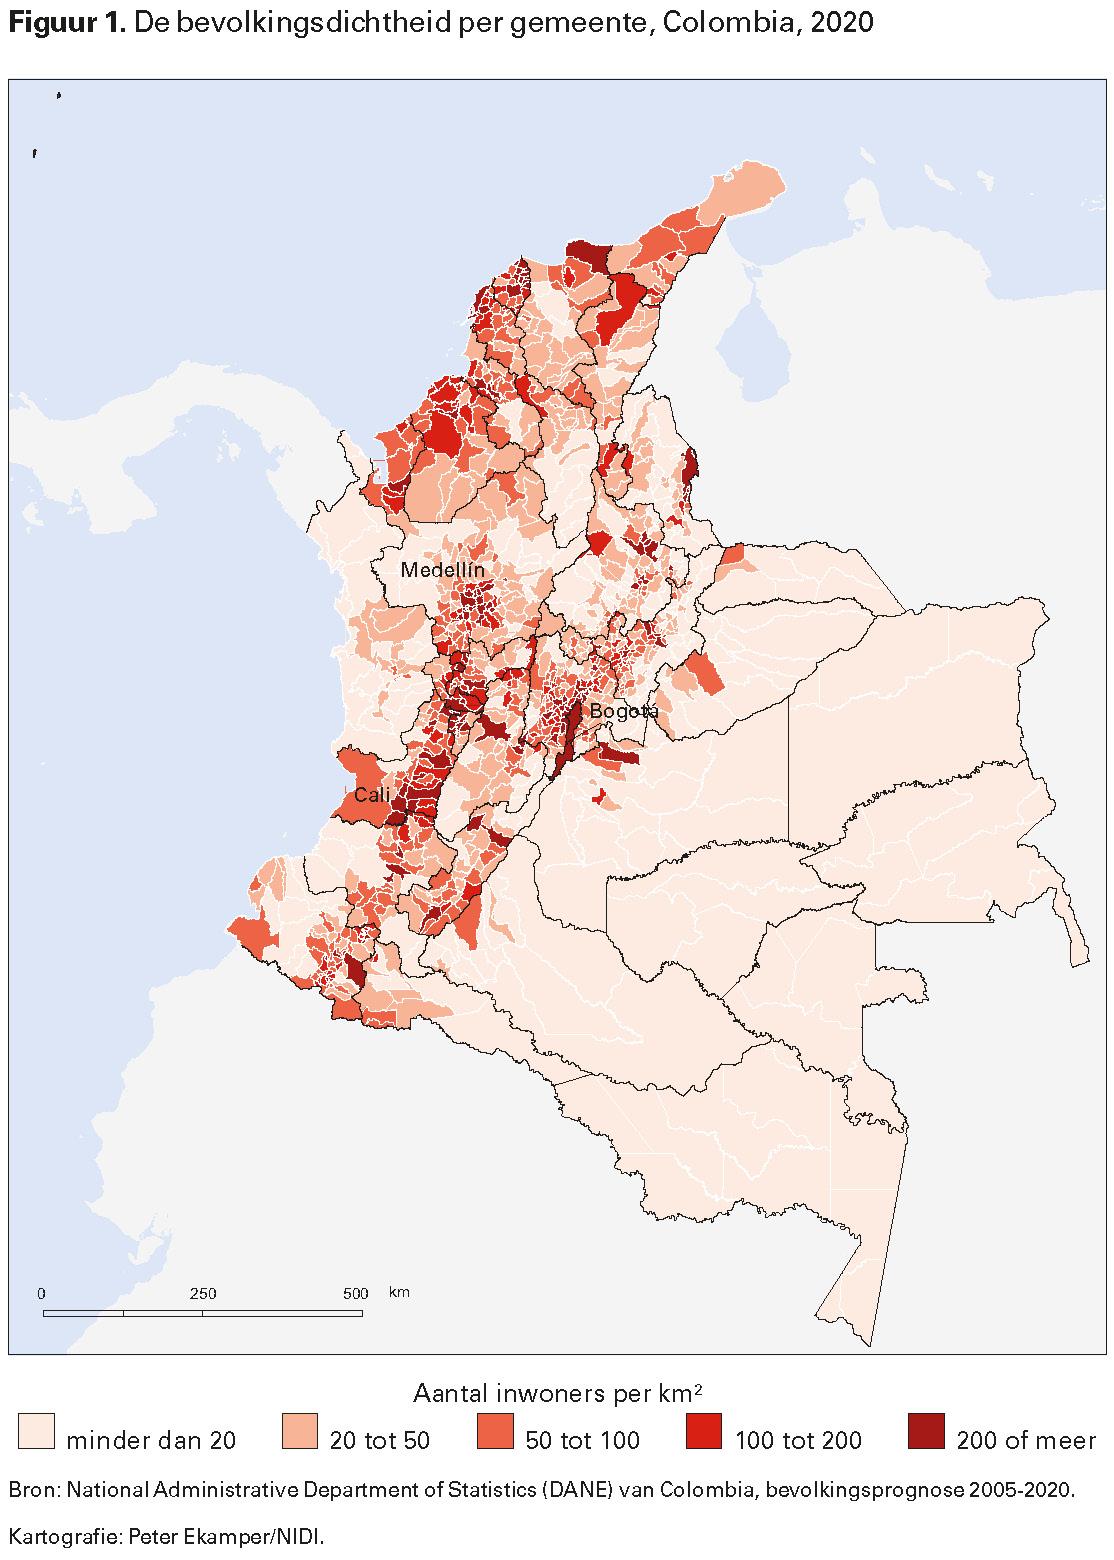 Figuur 1. De bevolkingsdichtheid per gemeente, Colombia, 2020